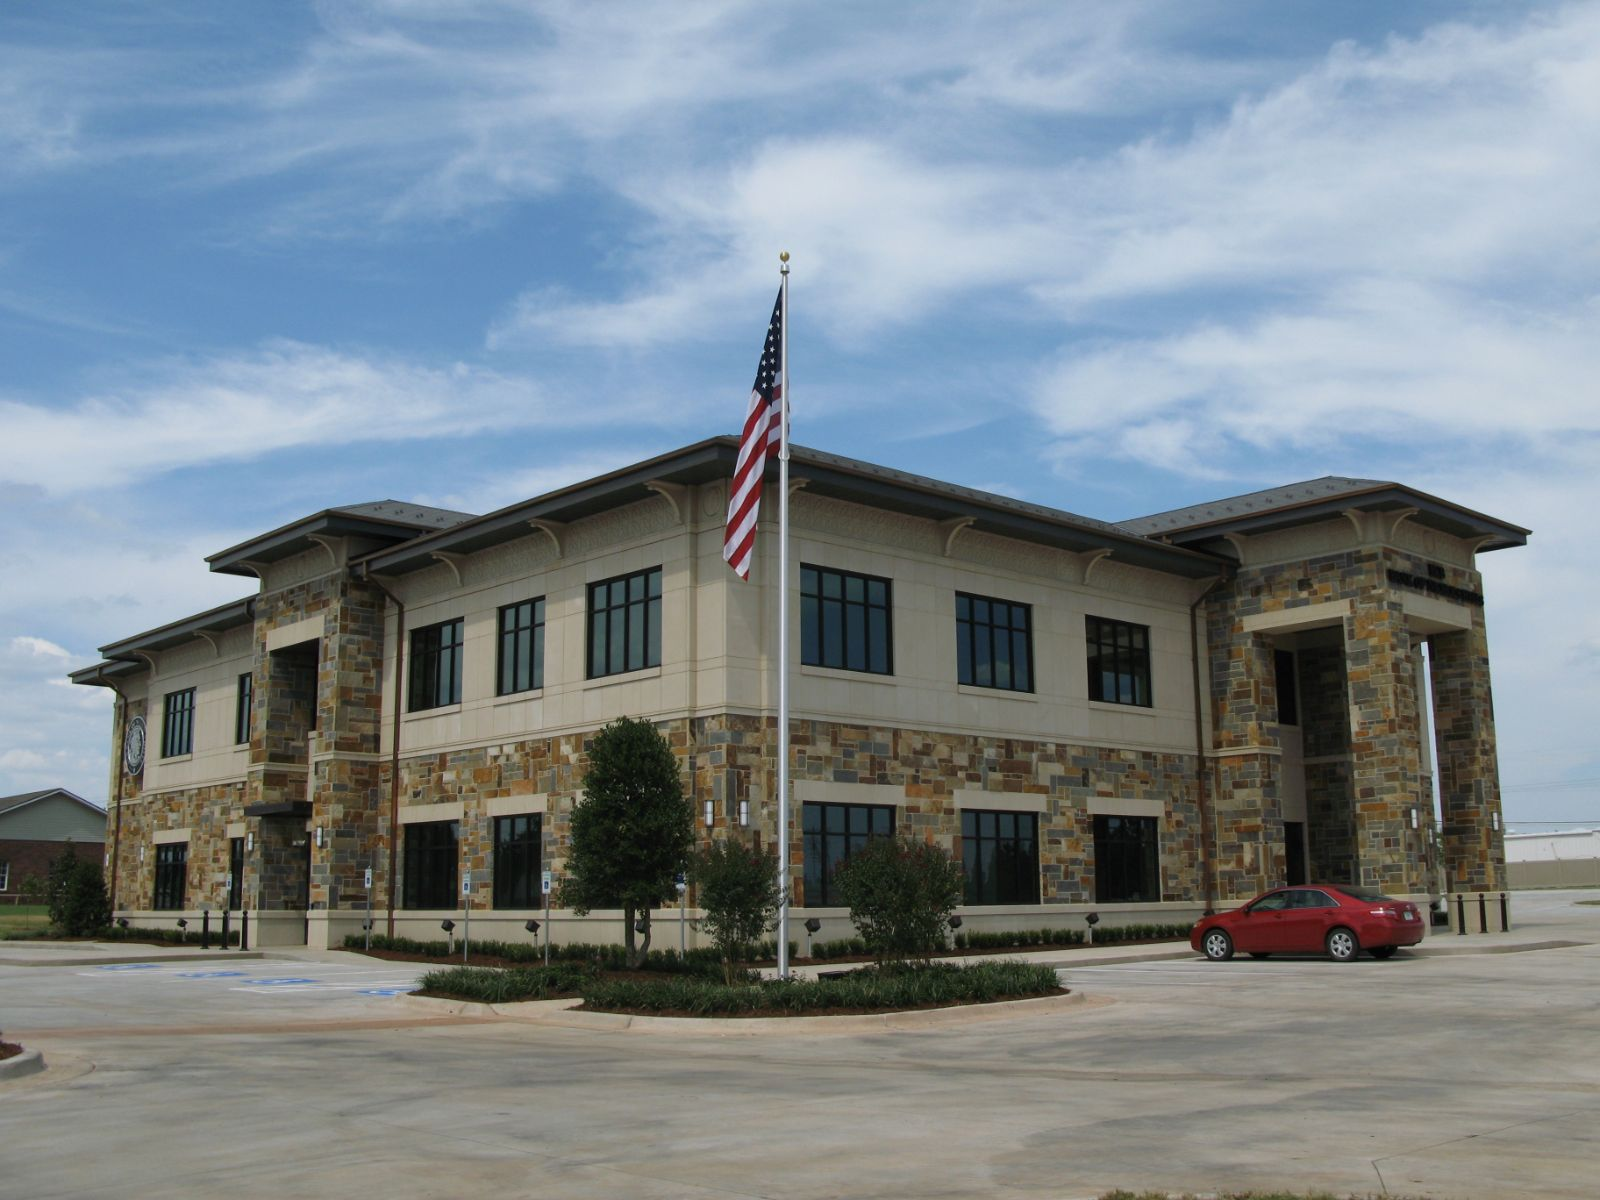 RCB Bank of Nichols Hills